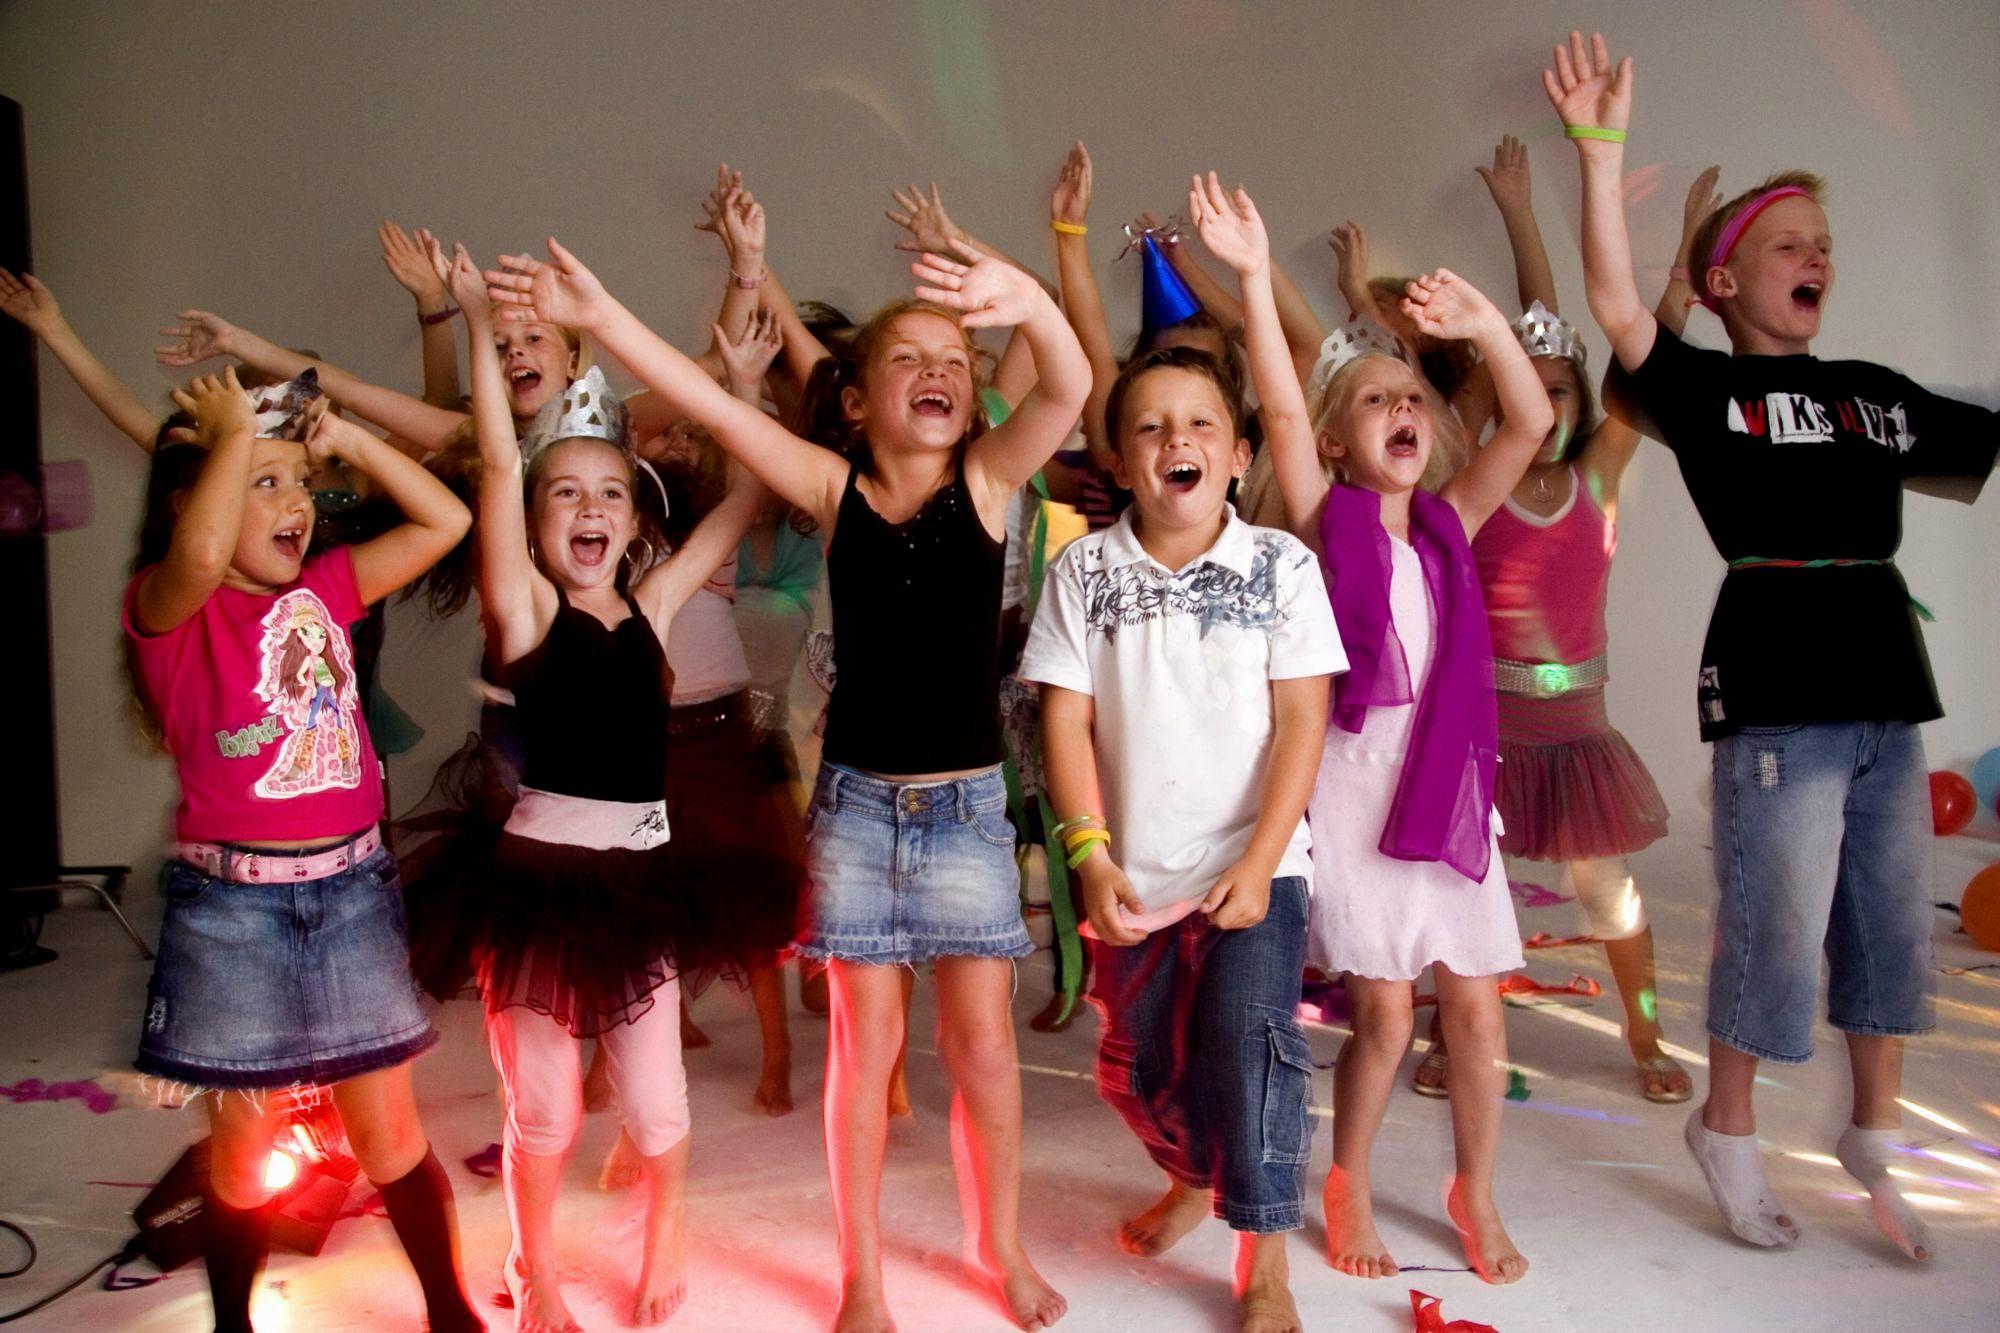 Дети танцуют на дискотеке картинка